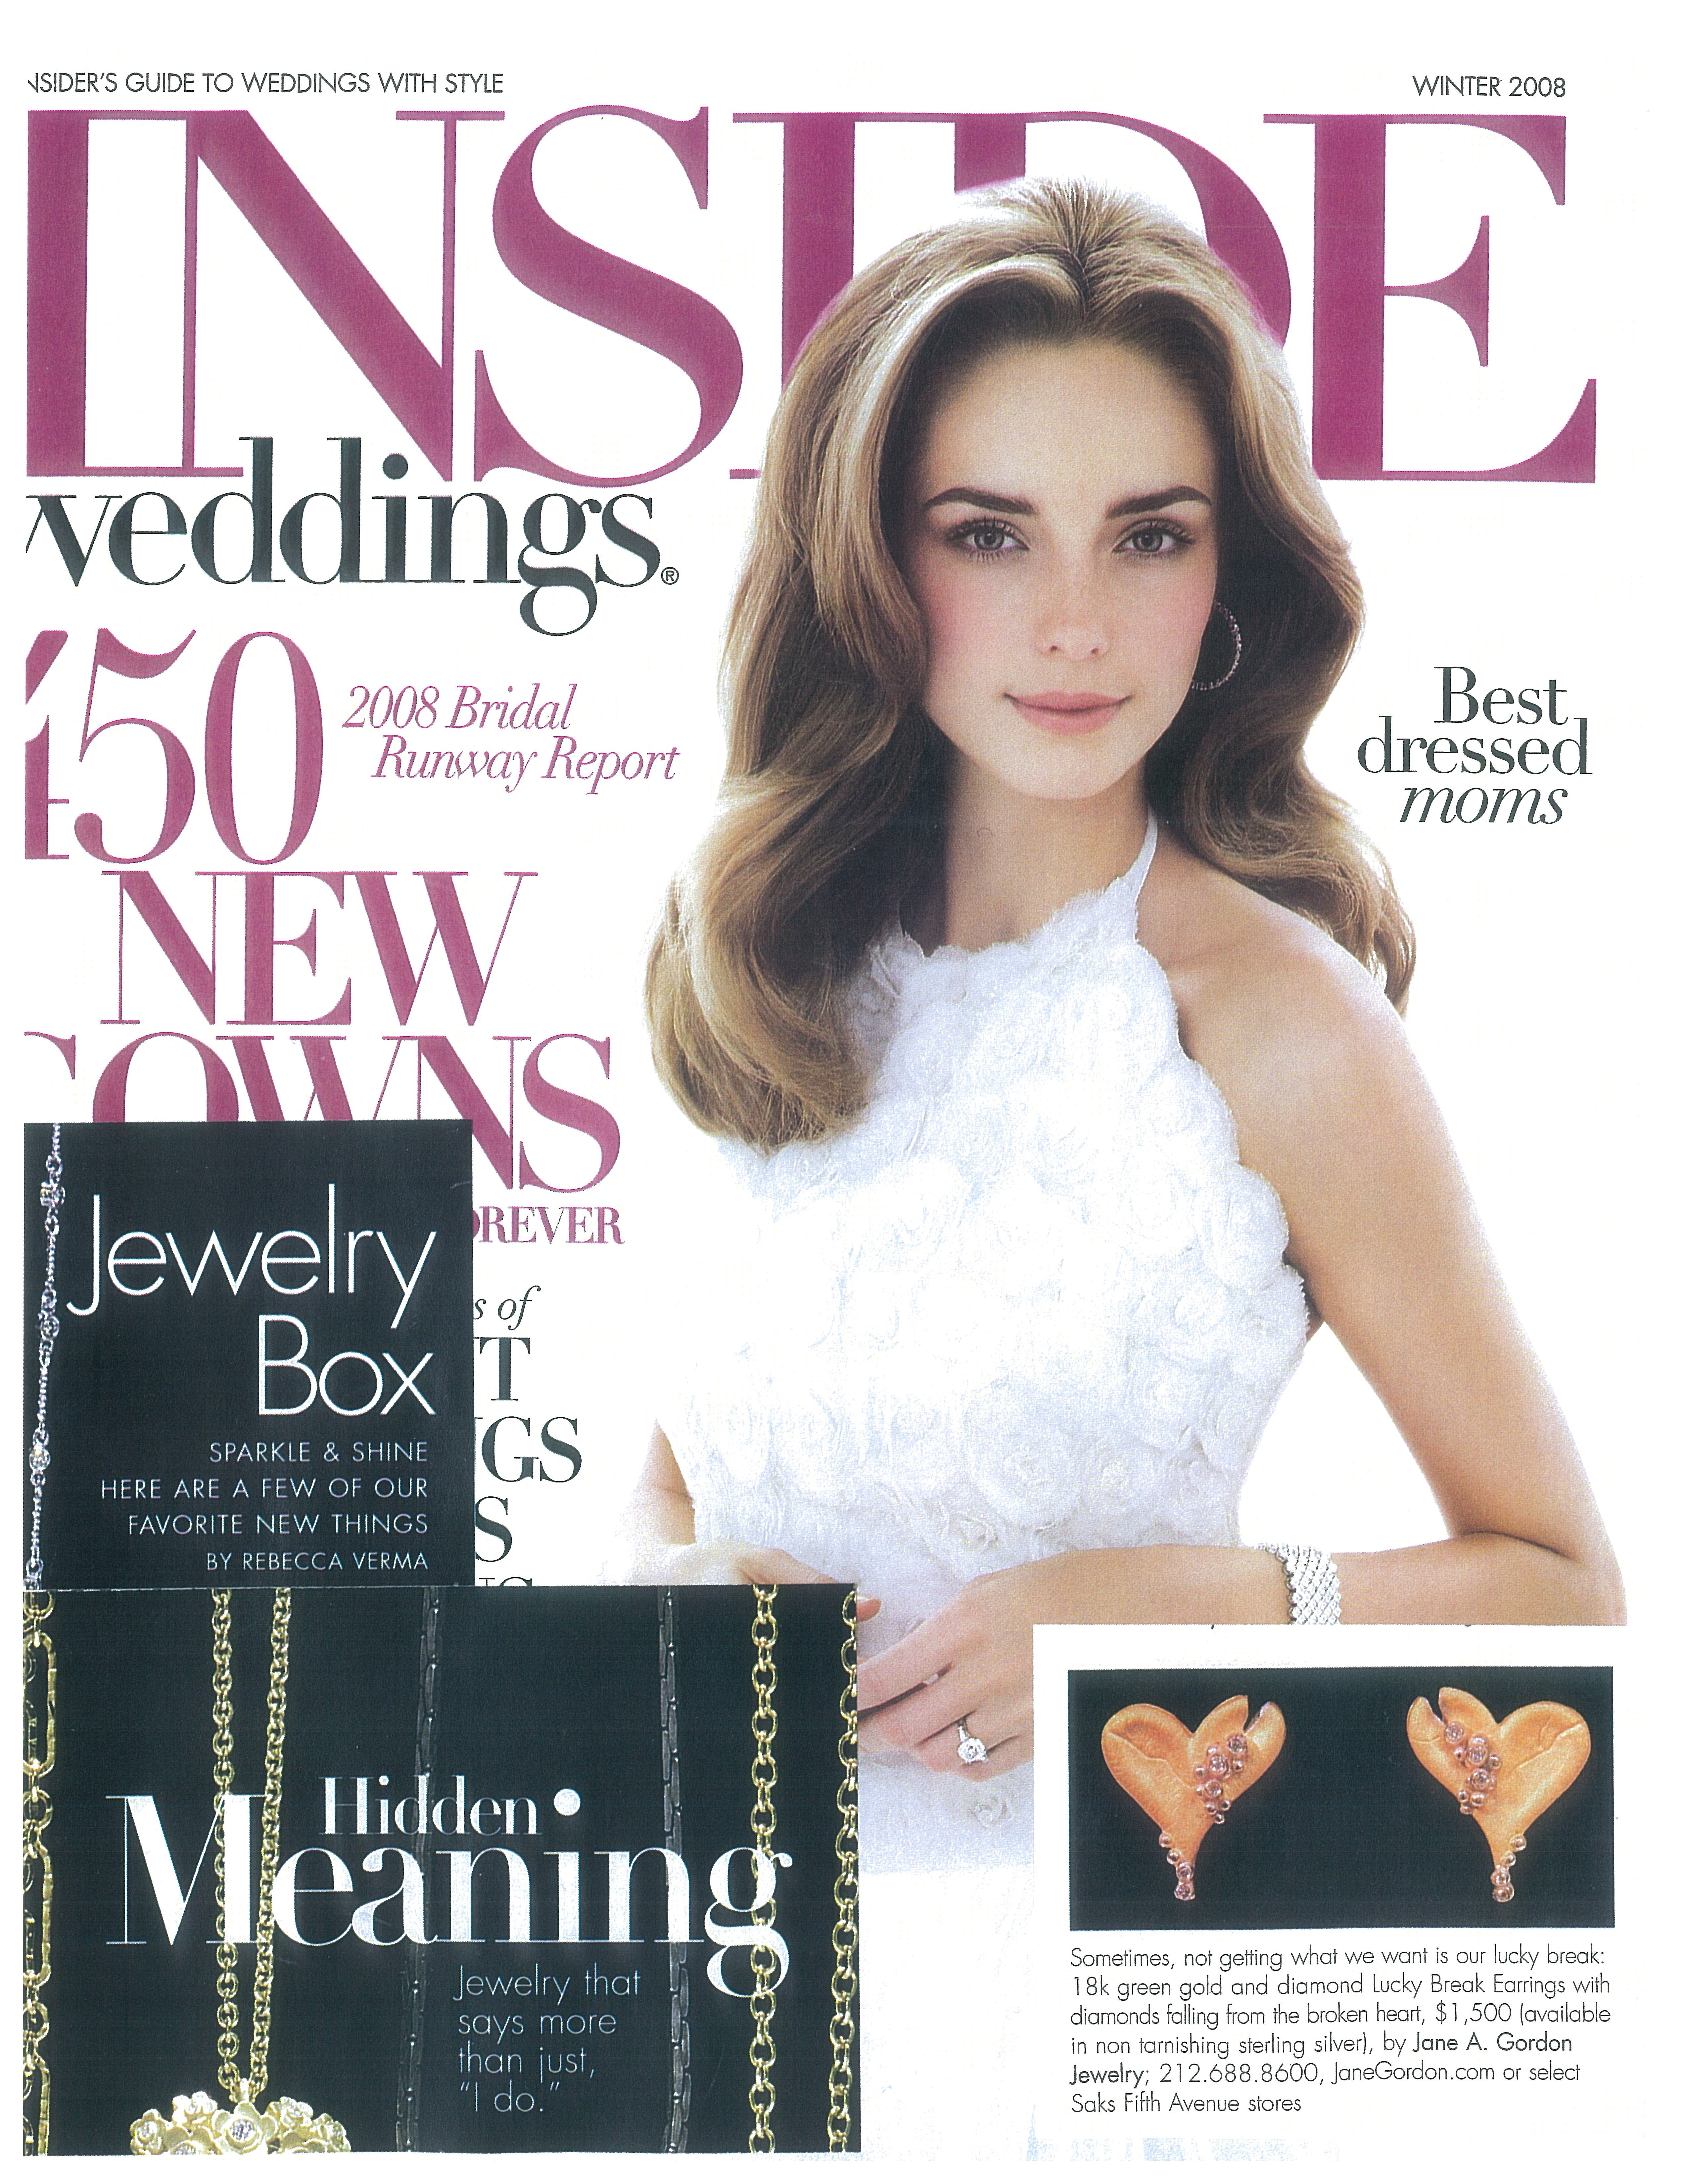 inside-weddings-lucky-break-heart-earrings-in-gold-or-silver-with-diamonds-jane-a-gordon-janegordon-com.jpg